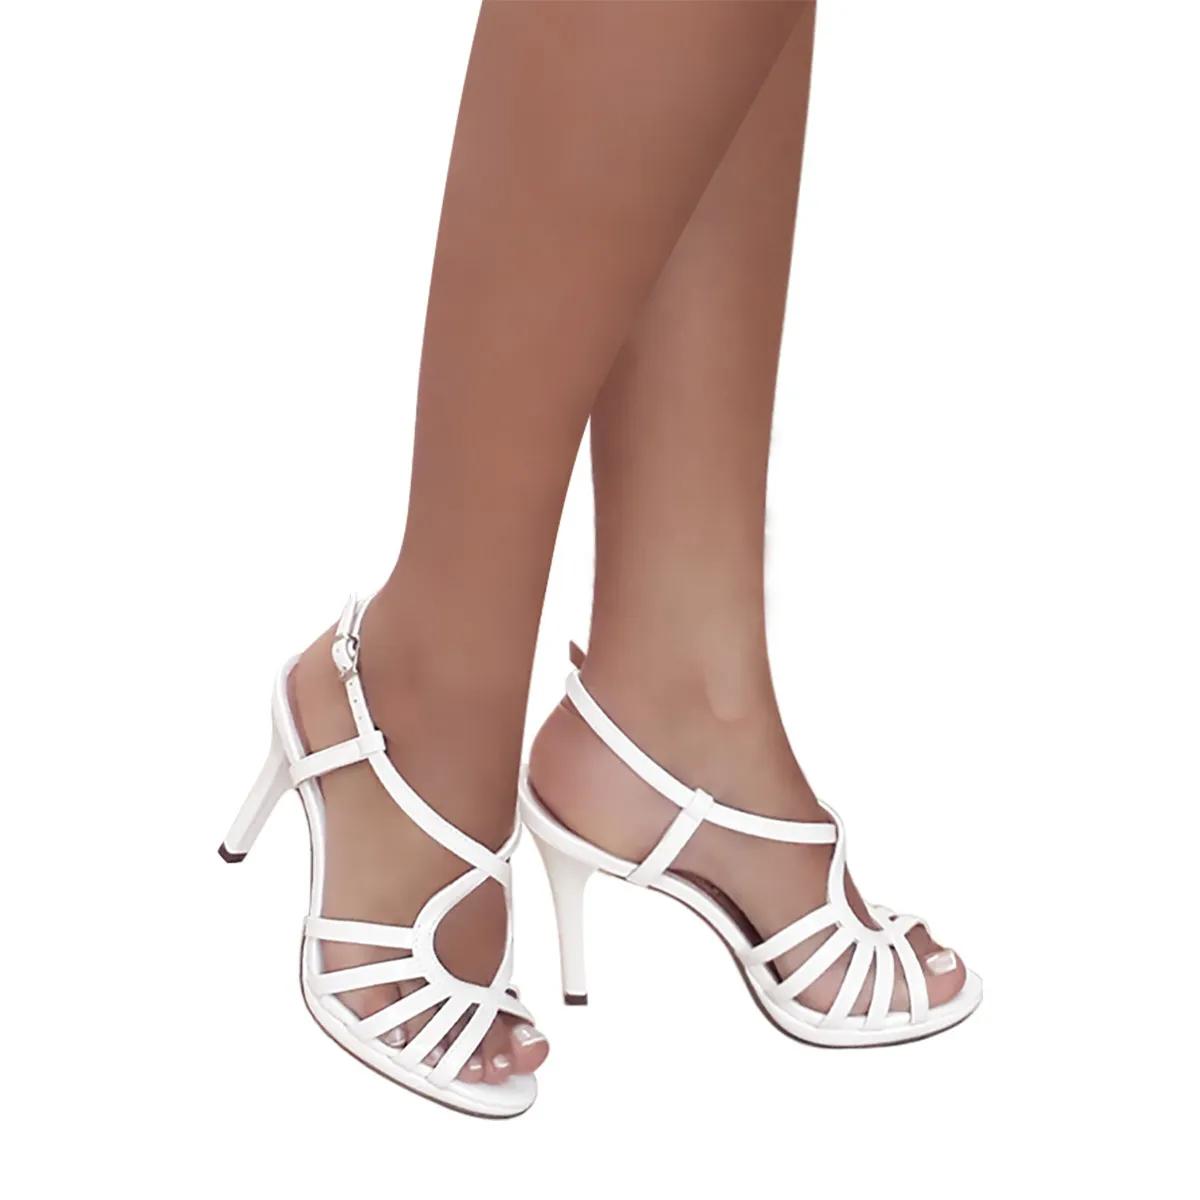 Sandalia Noiva Branca Tiras Meia Pata Salto Alto